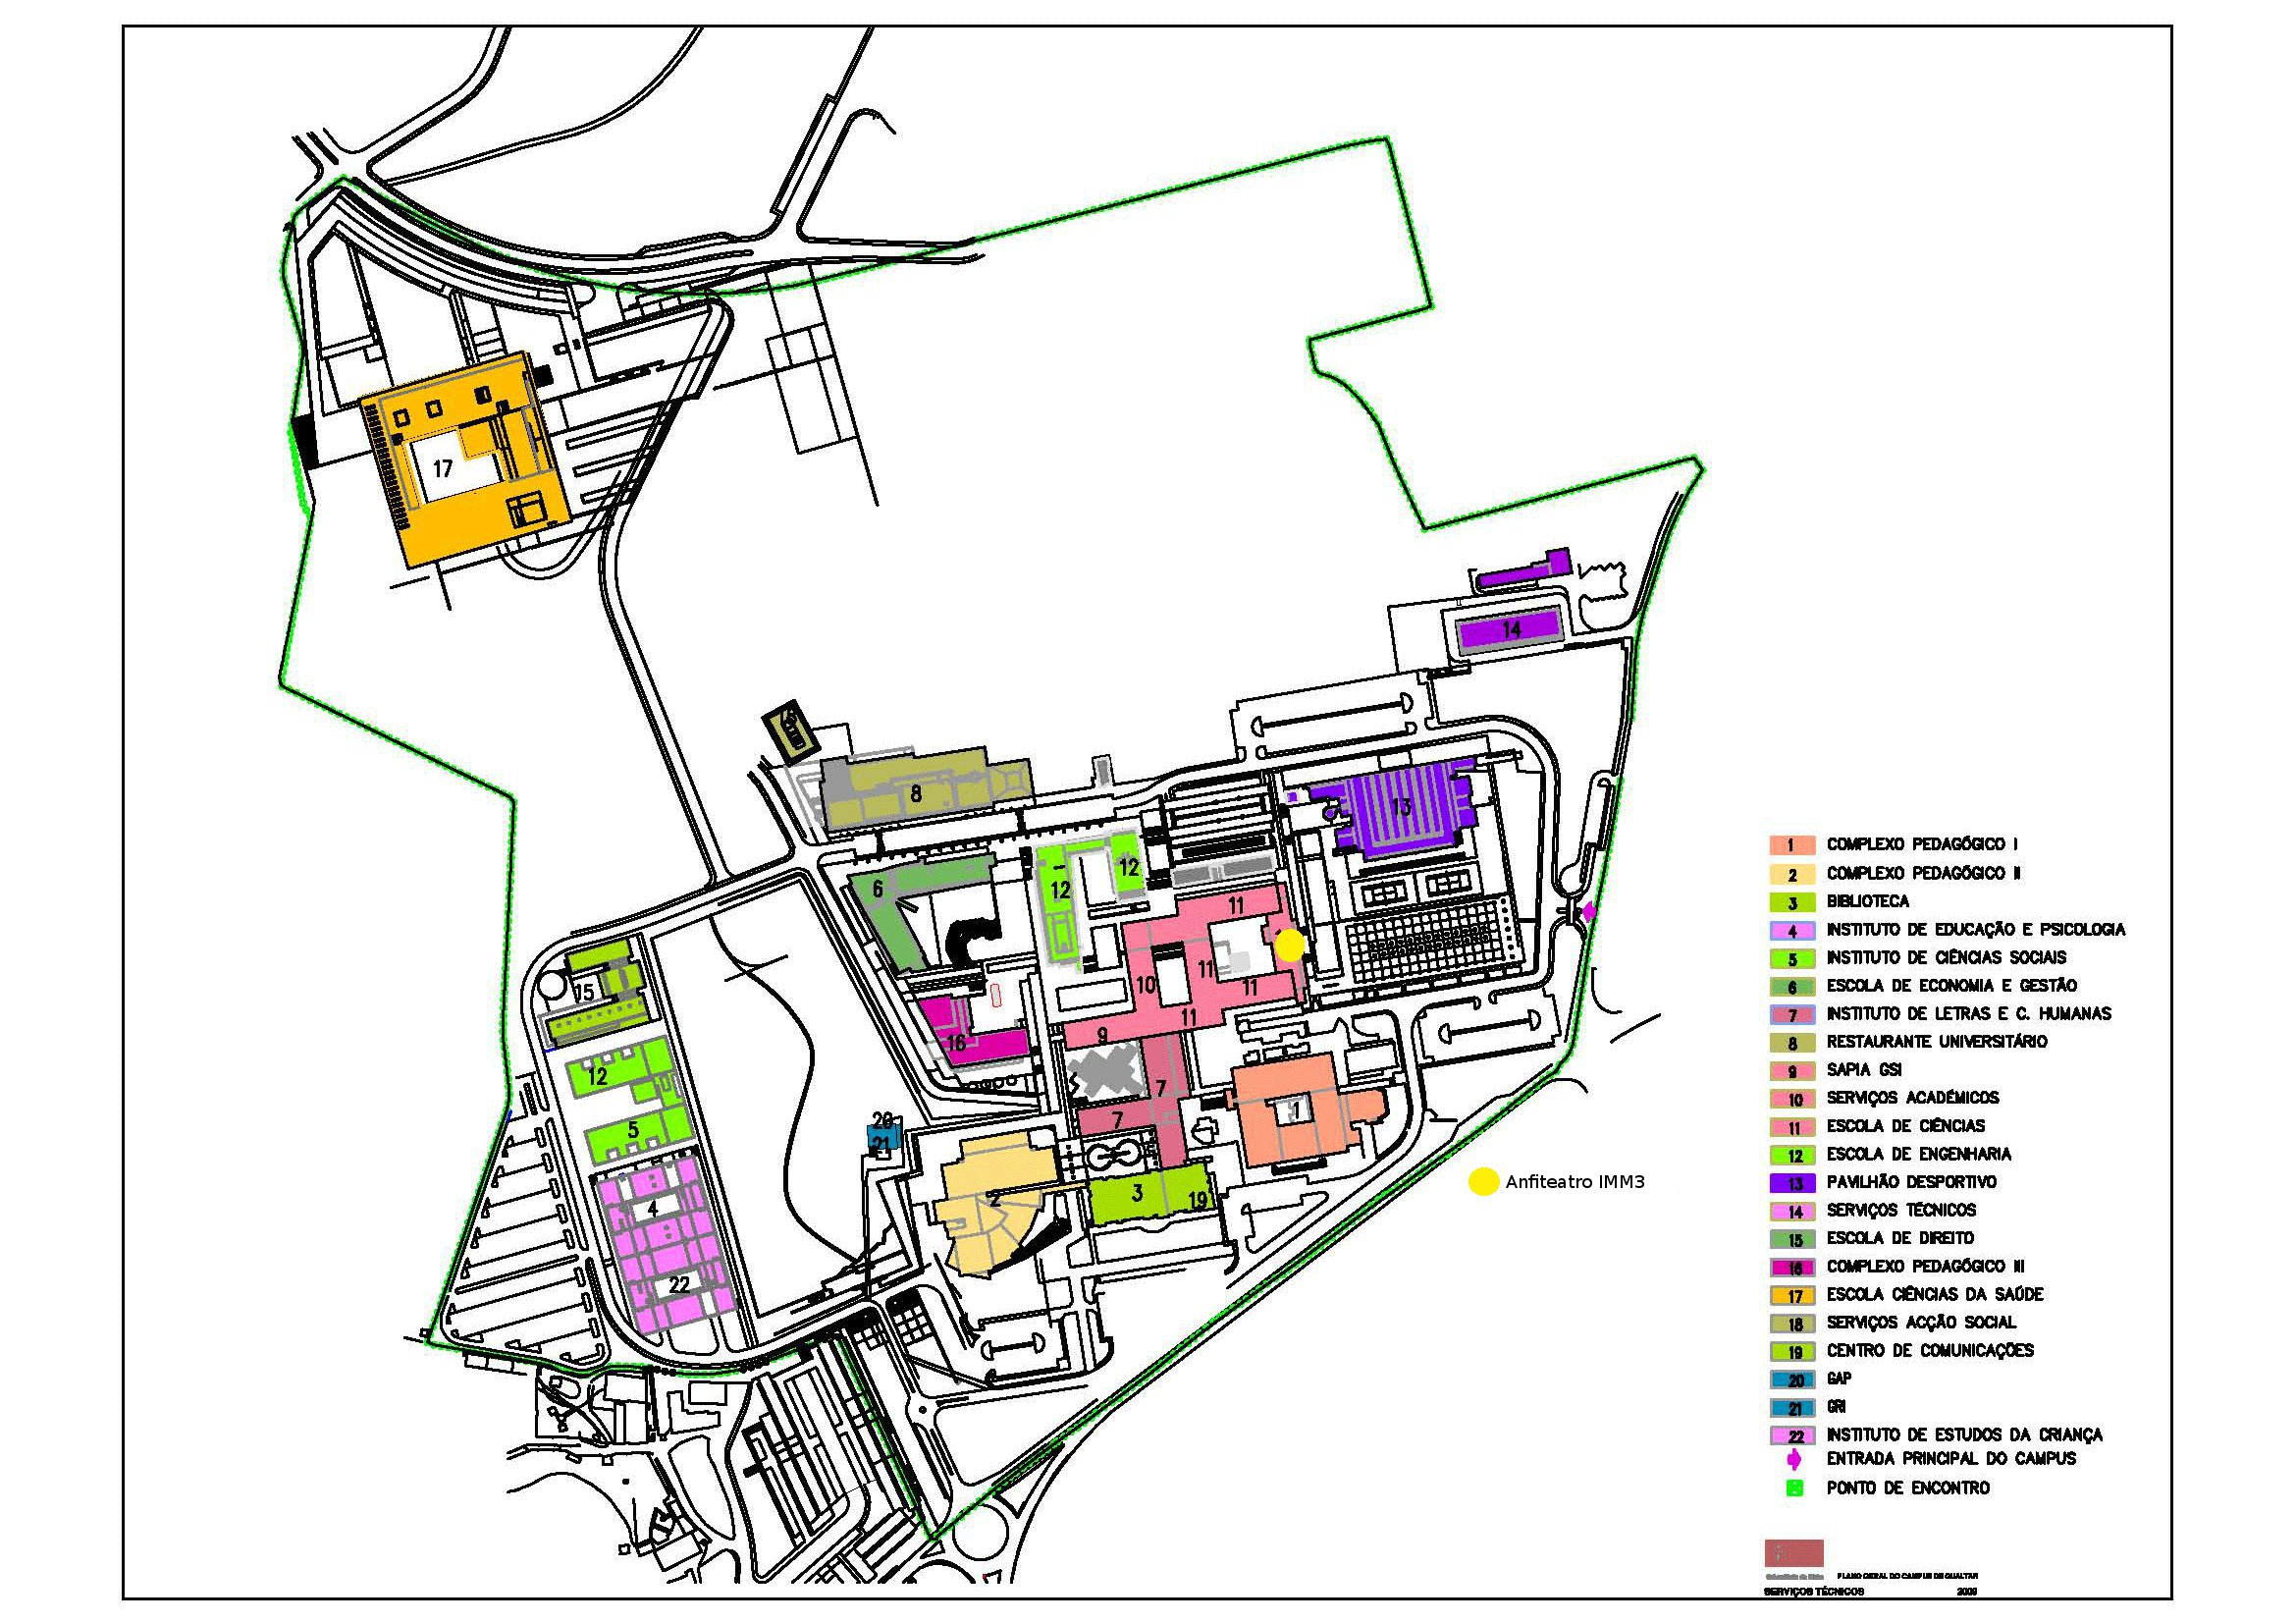 campus de gualtar mapa Location And Travel   VI Black Holes Workshop campus de gualtar mapa